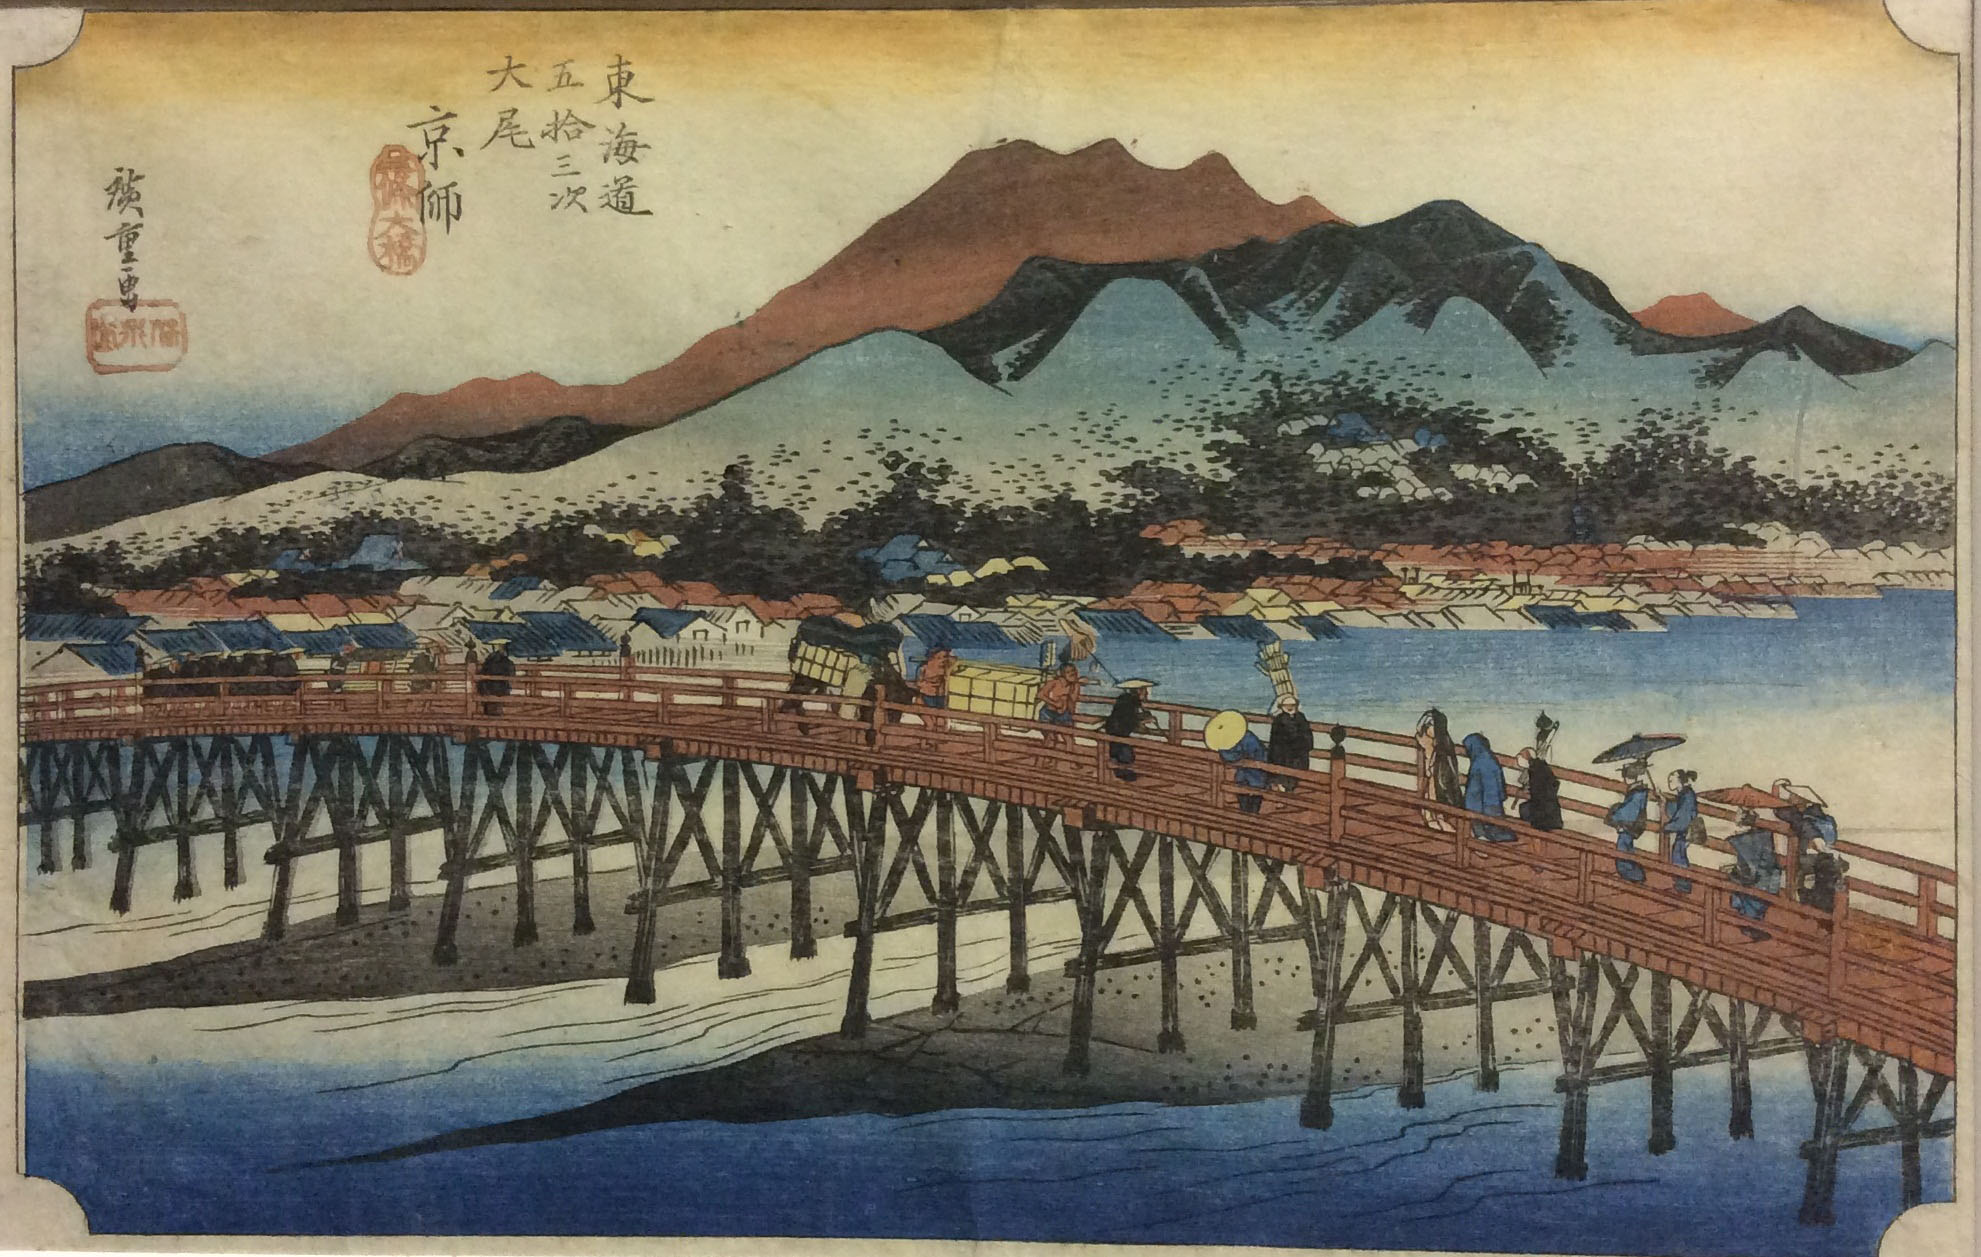 Da Hokusai a Hiroshige, a Pavia i maestri dell'arte giapponese a confronto con Gauguin, Manet e altri